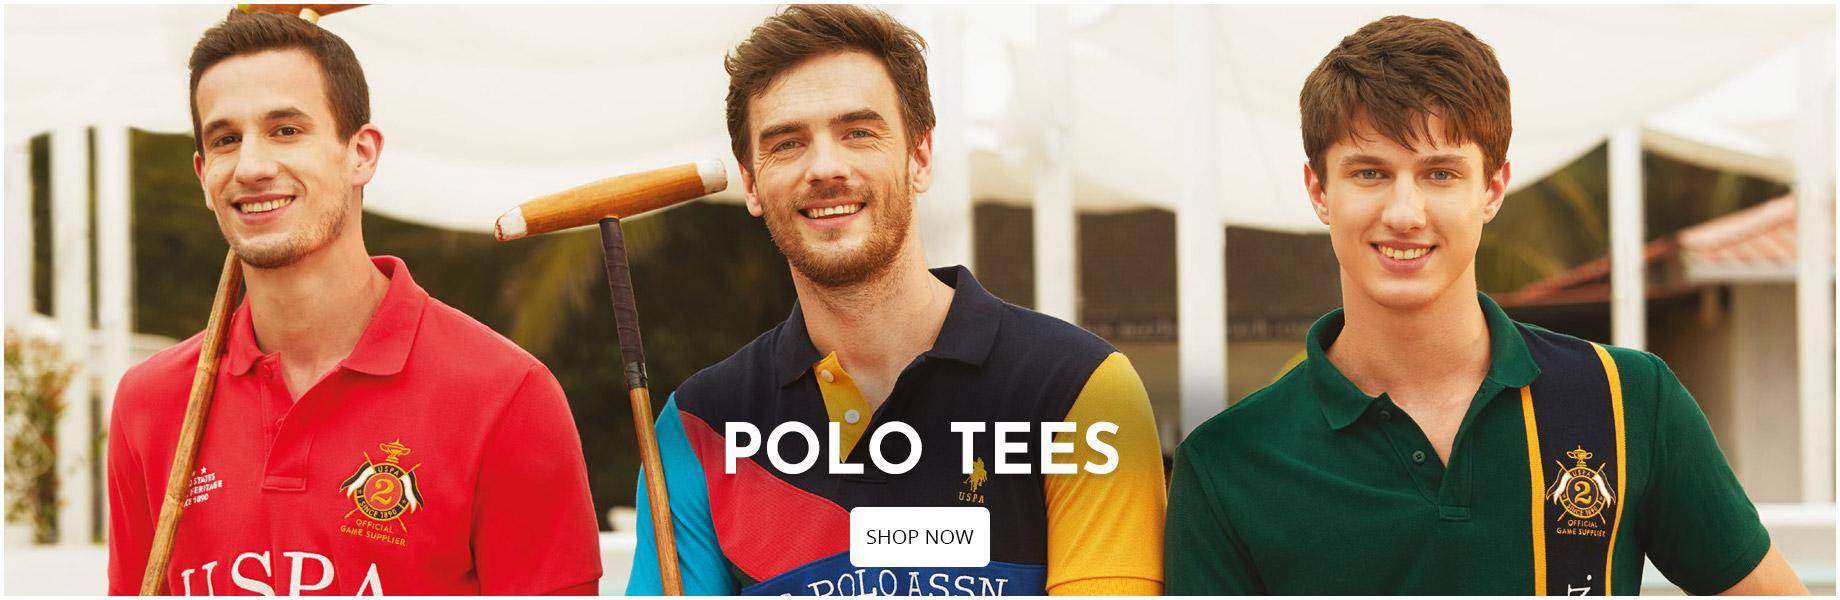 POLO-TEES